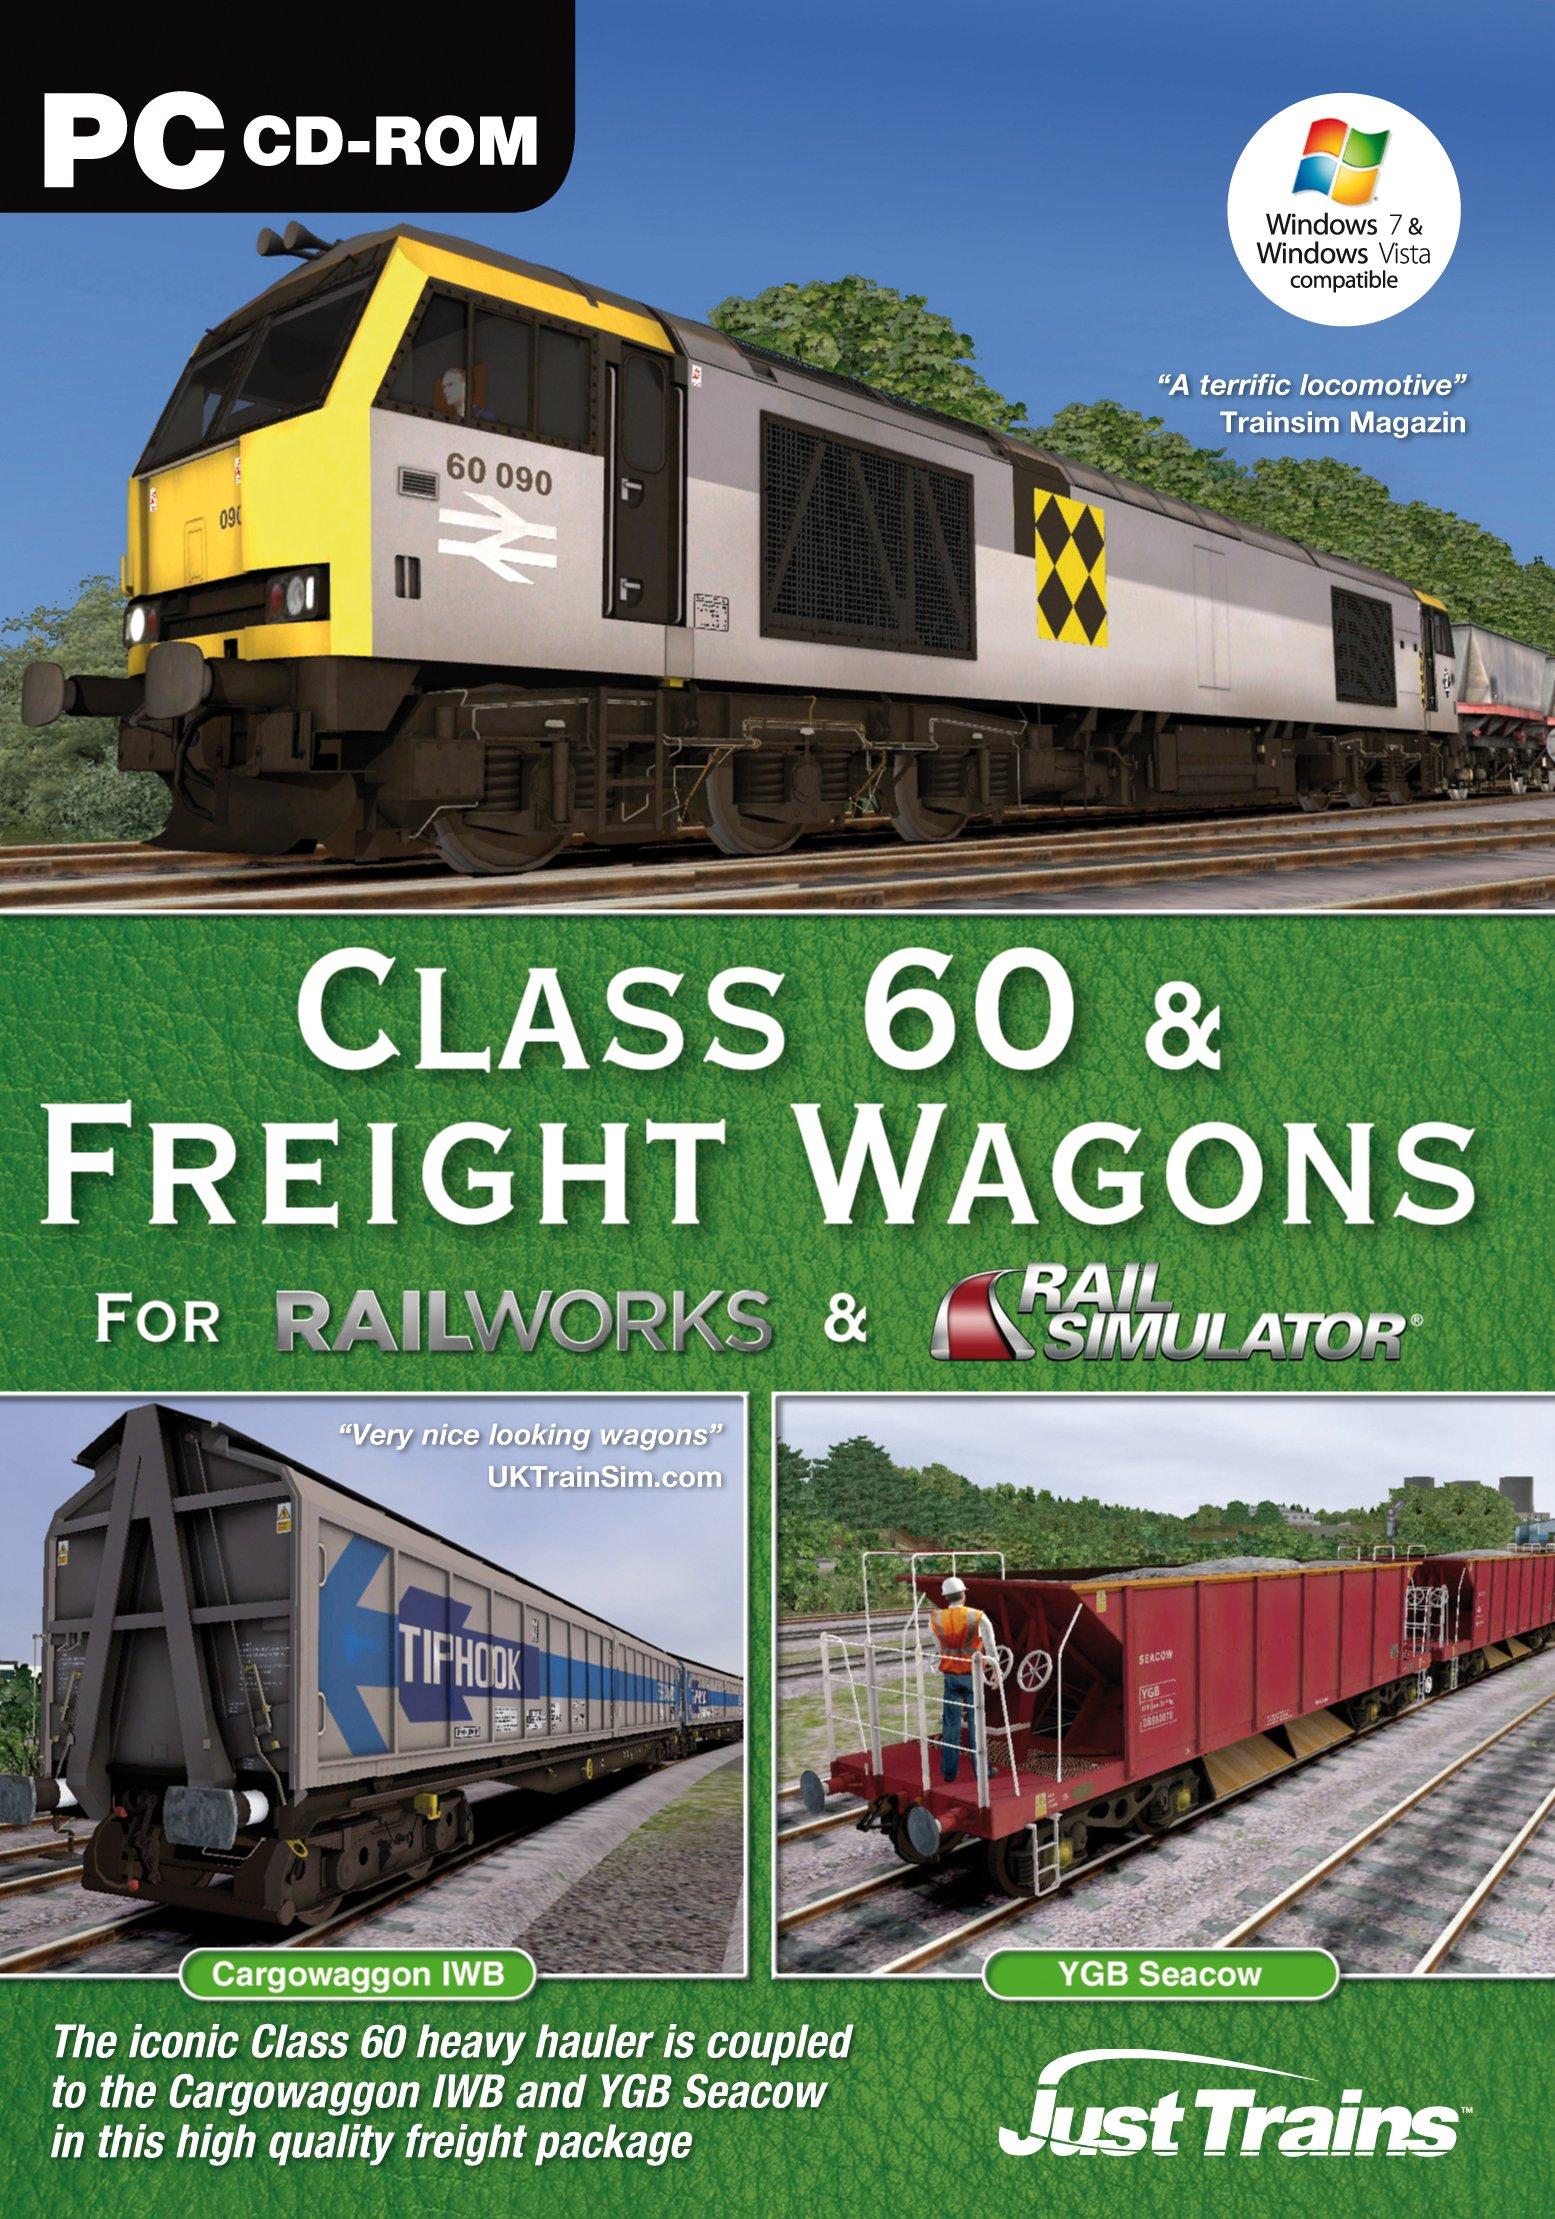 class 60 & Freight